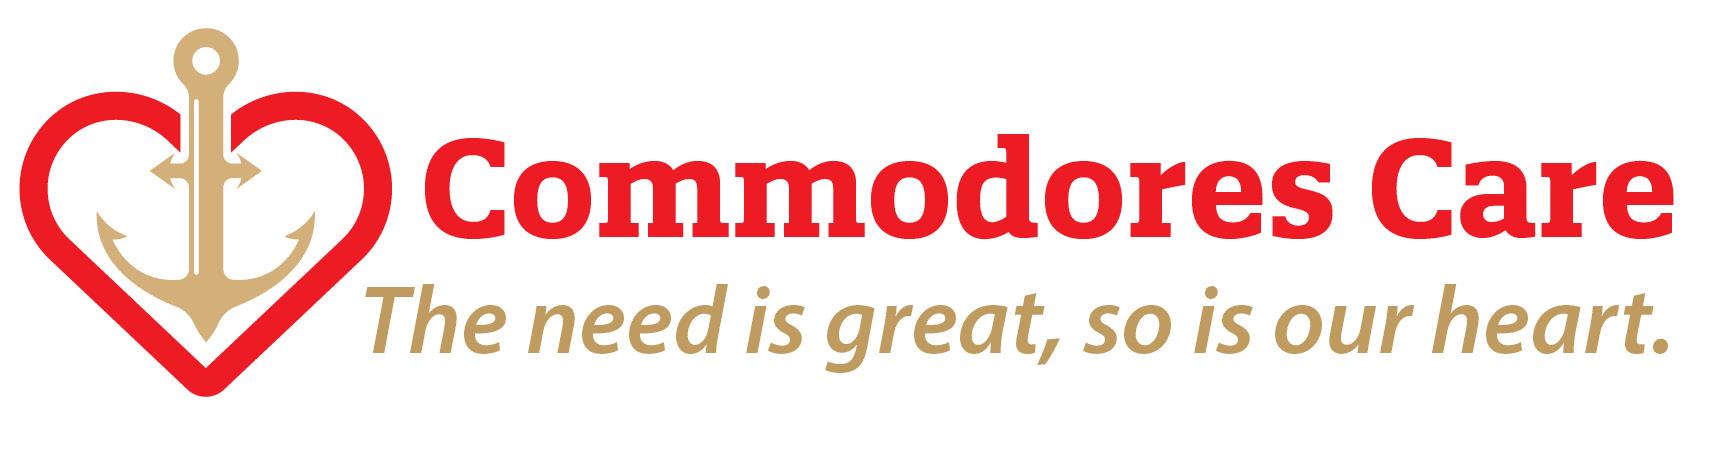 Commodores Care